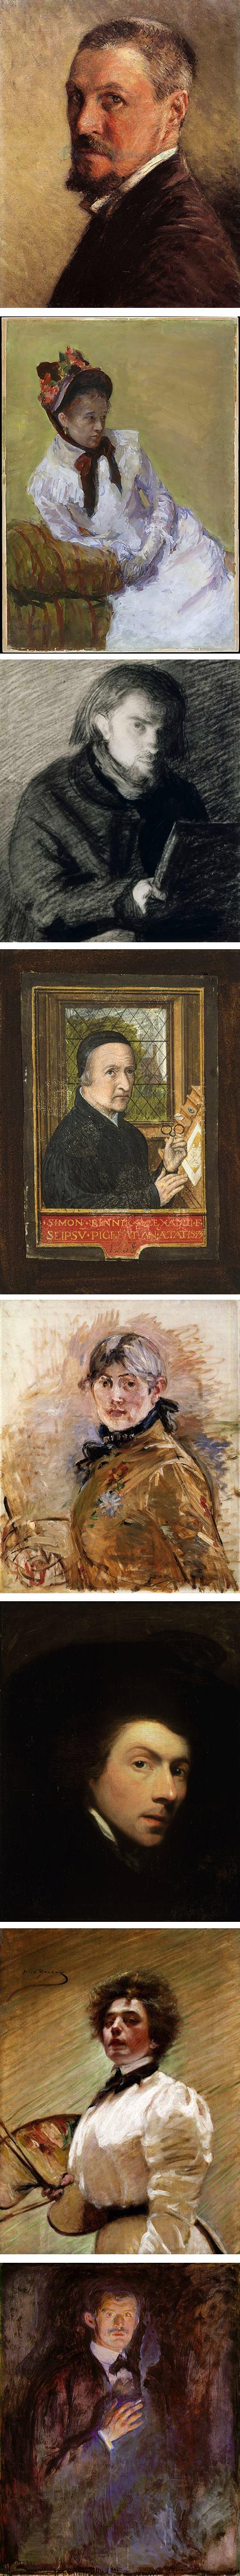 Sef-portraits: Gustave Caillebotte, Mary Cassatt, Henri Fantin-Latour, Simon Bening, Berthe Morisot, Gilbert Stuart, Alice Pike Barney, Edvard Munch